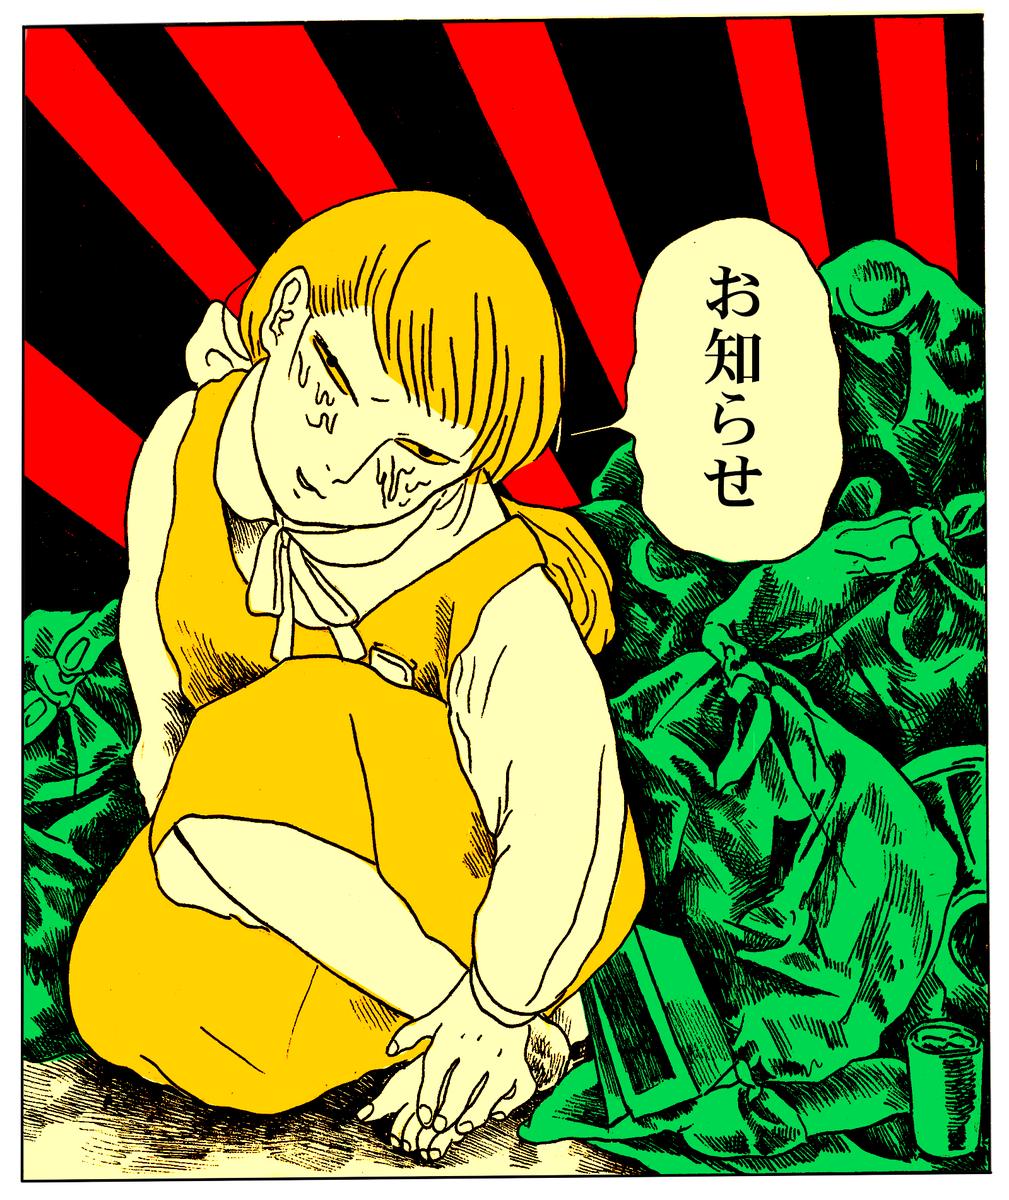 【お知らせ】夏休みの終わりごろに東京、9月の連休前後に大阪で 原田ちあき個展 やります!!!  詳細は後日!!! http://t.co/iCnKTIHGsp